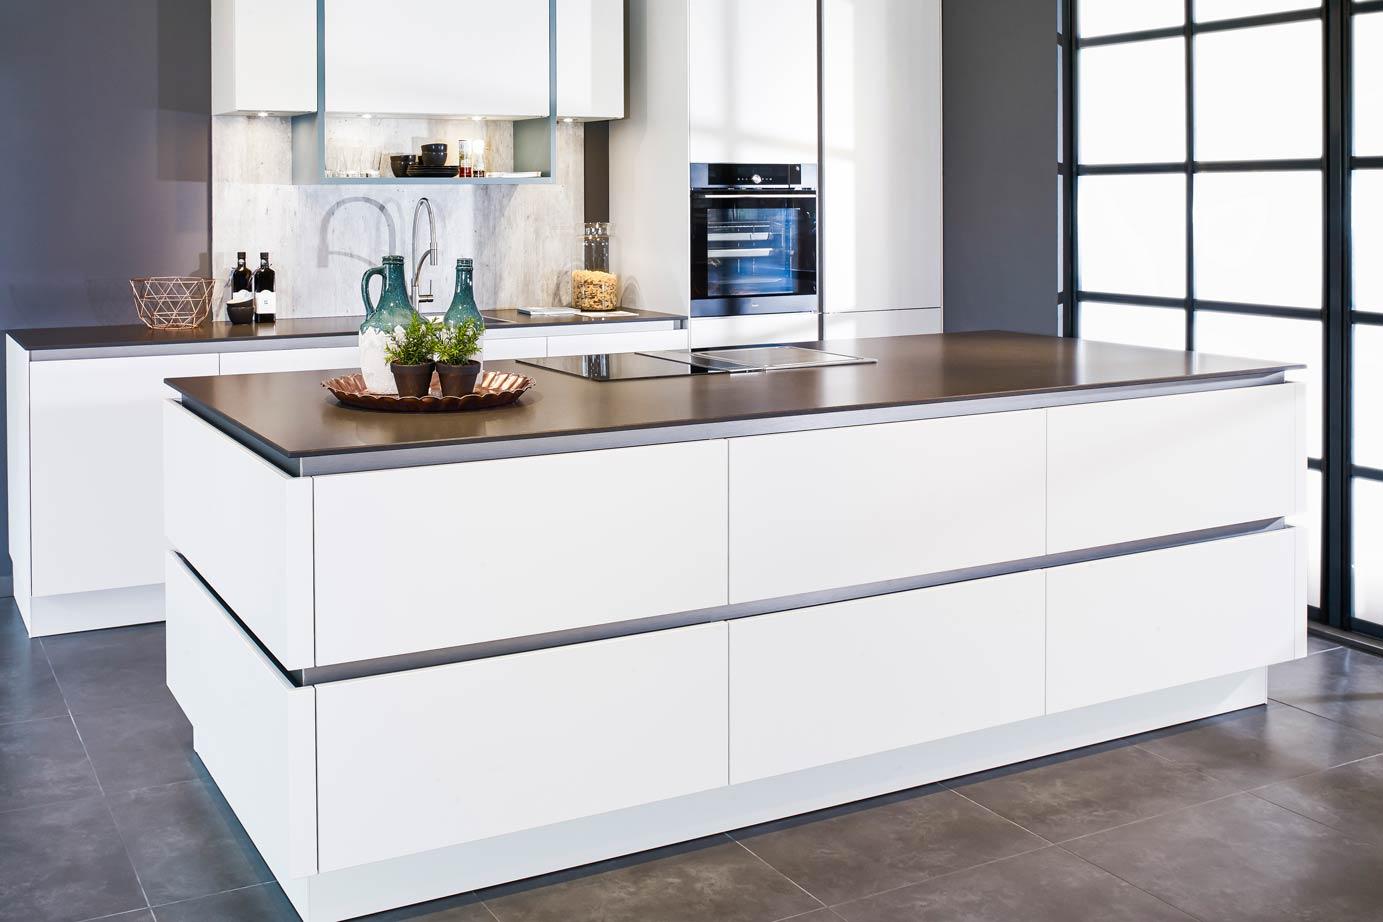 Witte Keuken Ervaring : Keuken ervaringen: greeploze keuken ervaringen atumre.